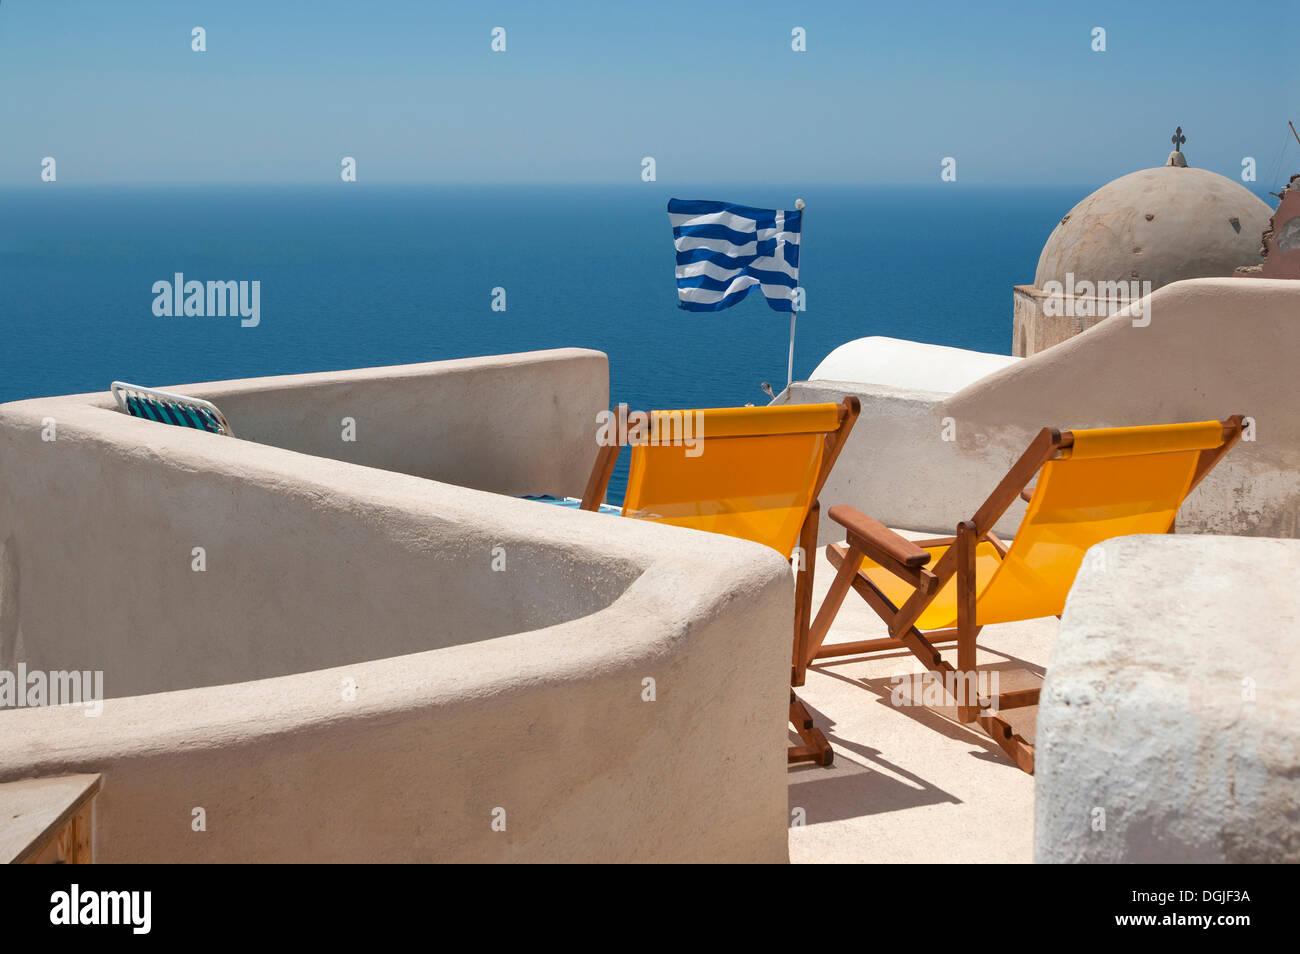 Liegestühle auf der Terrasse von einem griechischen Gästehaus, Santorin, Kykladen, Griechenland, Europa Stockbild